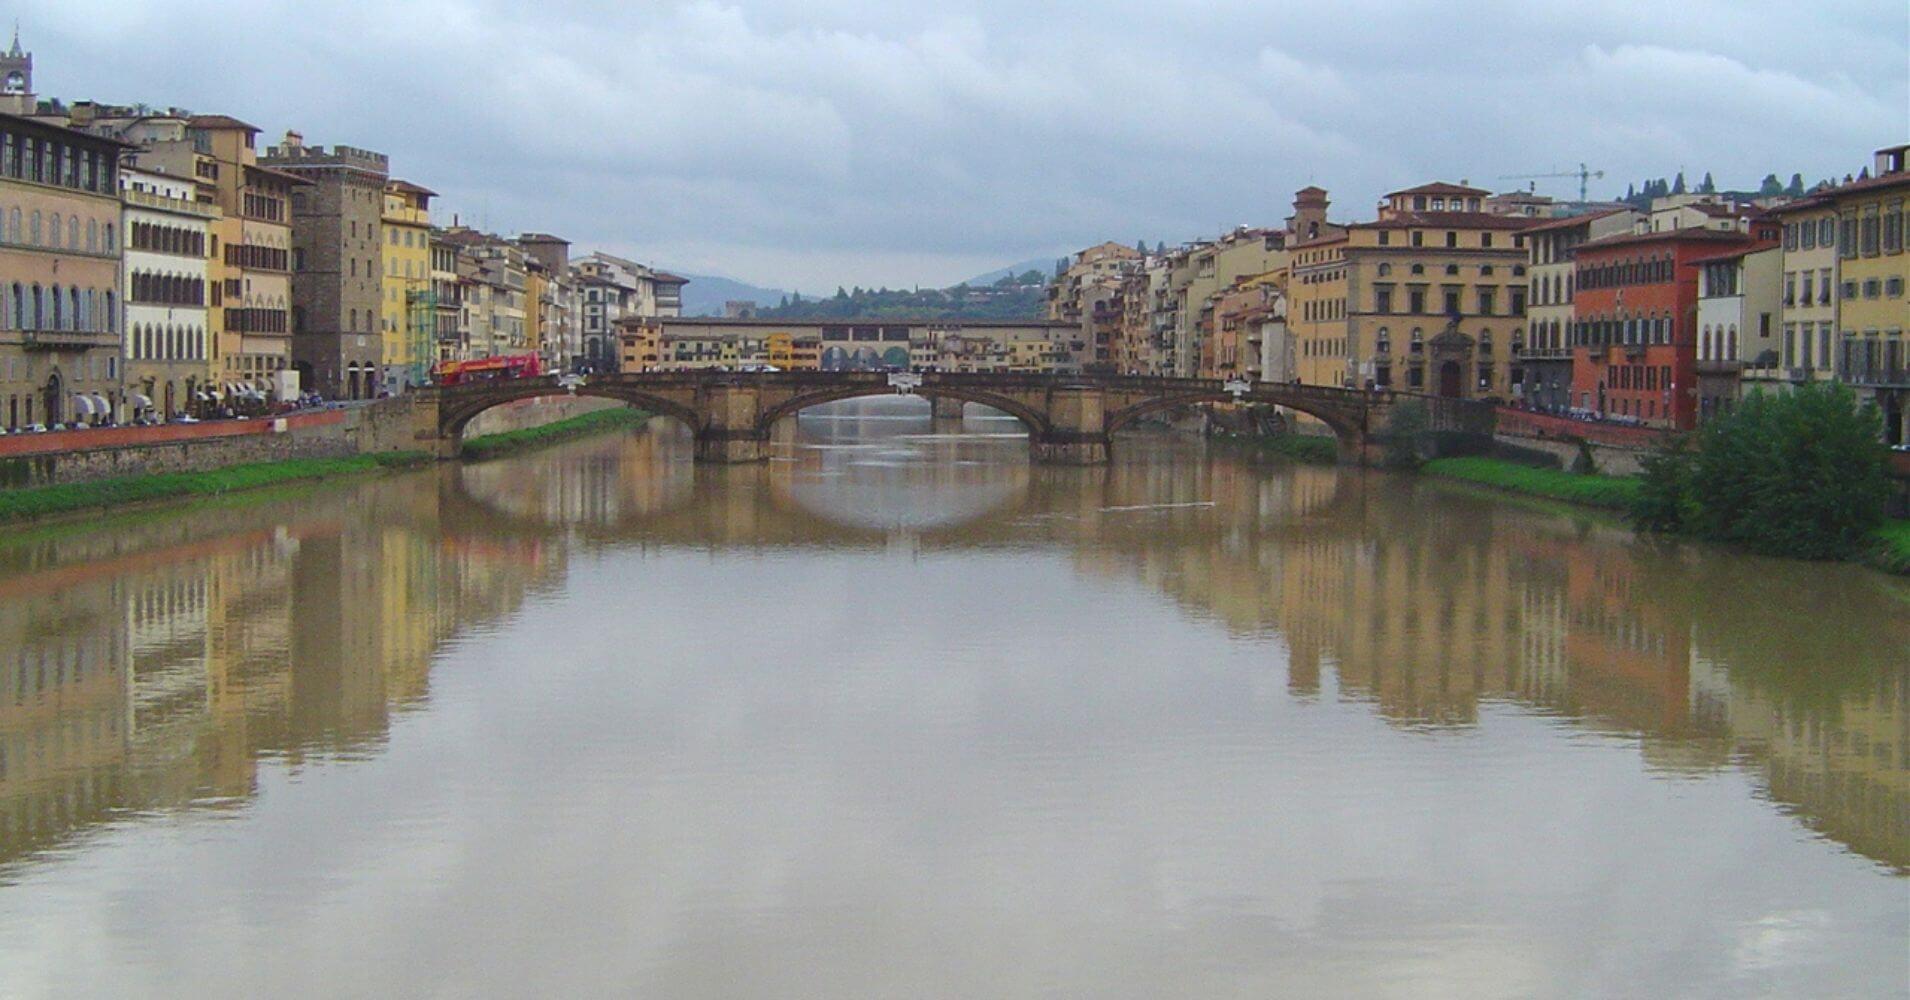 Puentes de la Trinidad y Vecchio. Toscana, Italia.